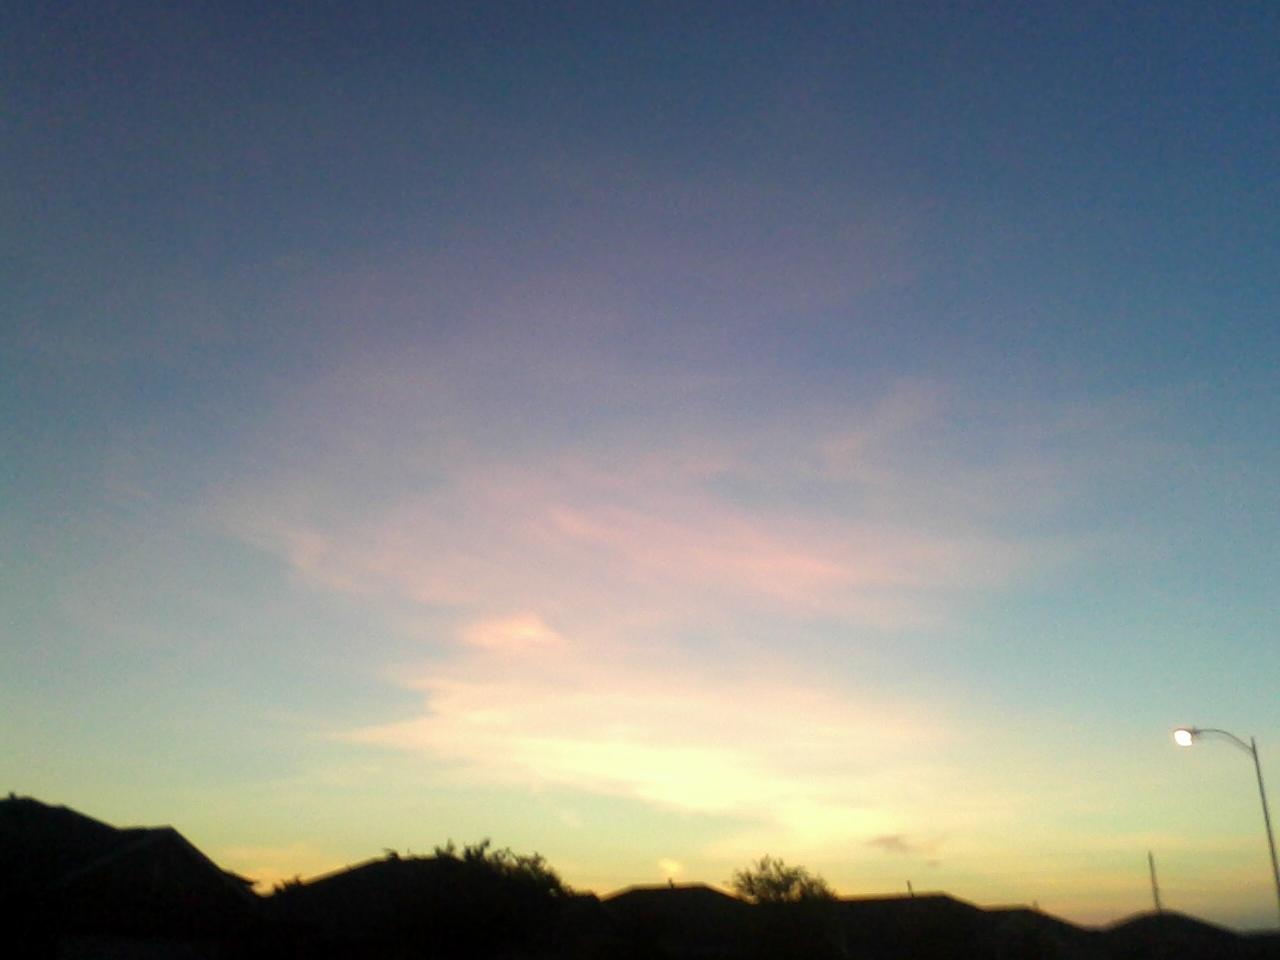 Sky - 0731203148.jpg